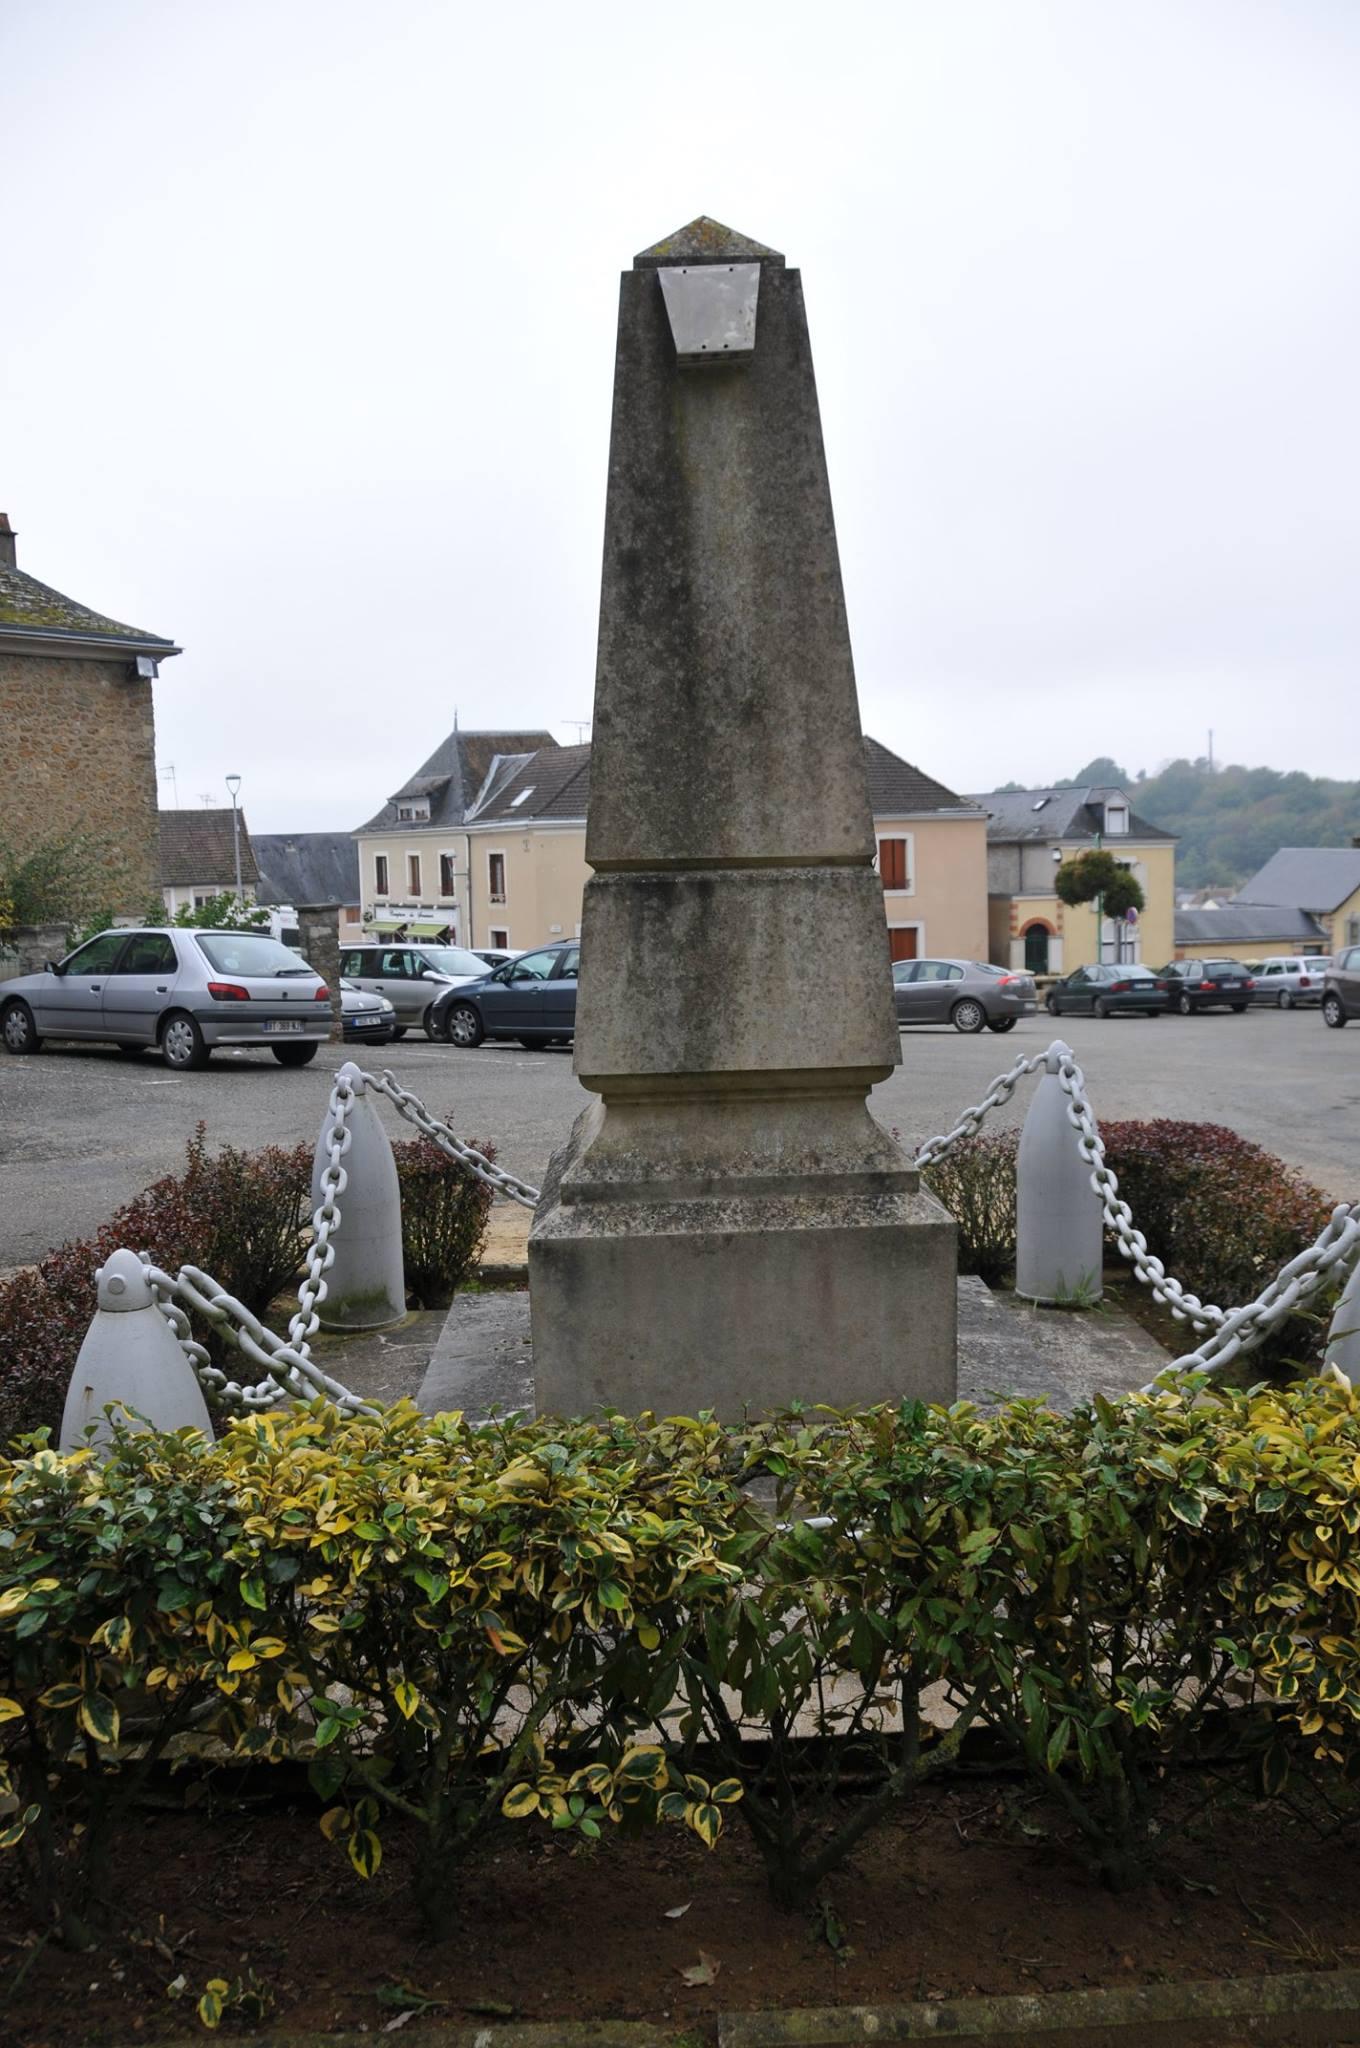 Montfort le Gesnois - Monfort le Rotrou jusqu'en 1985 - Monument commémoratif - La commune de Montfort le Rotrou à ses enfants morts pour la France 1914-1918 - Vue 04 (Romain Christopher Guillaume Lépine)